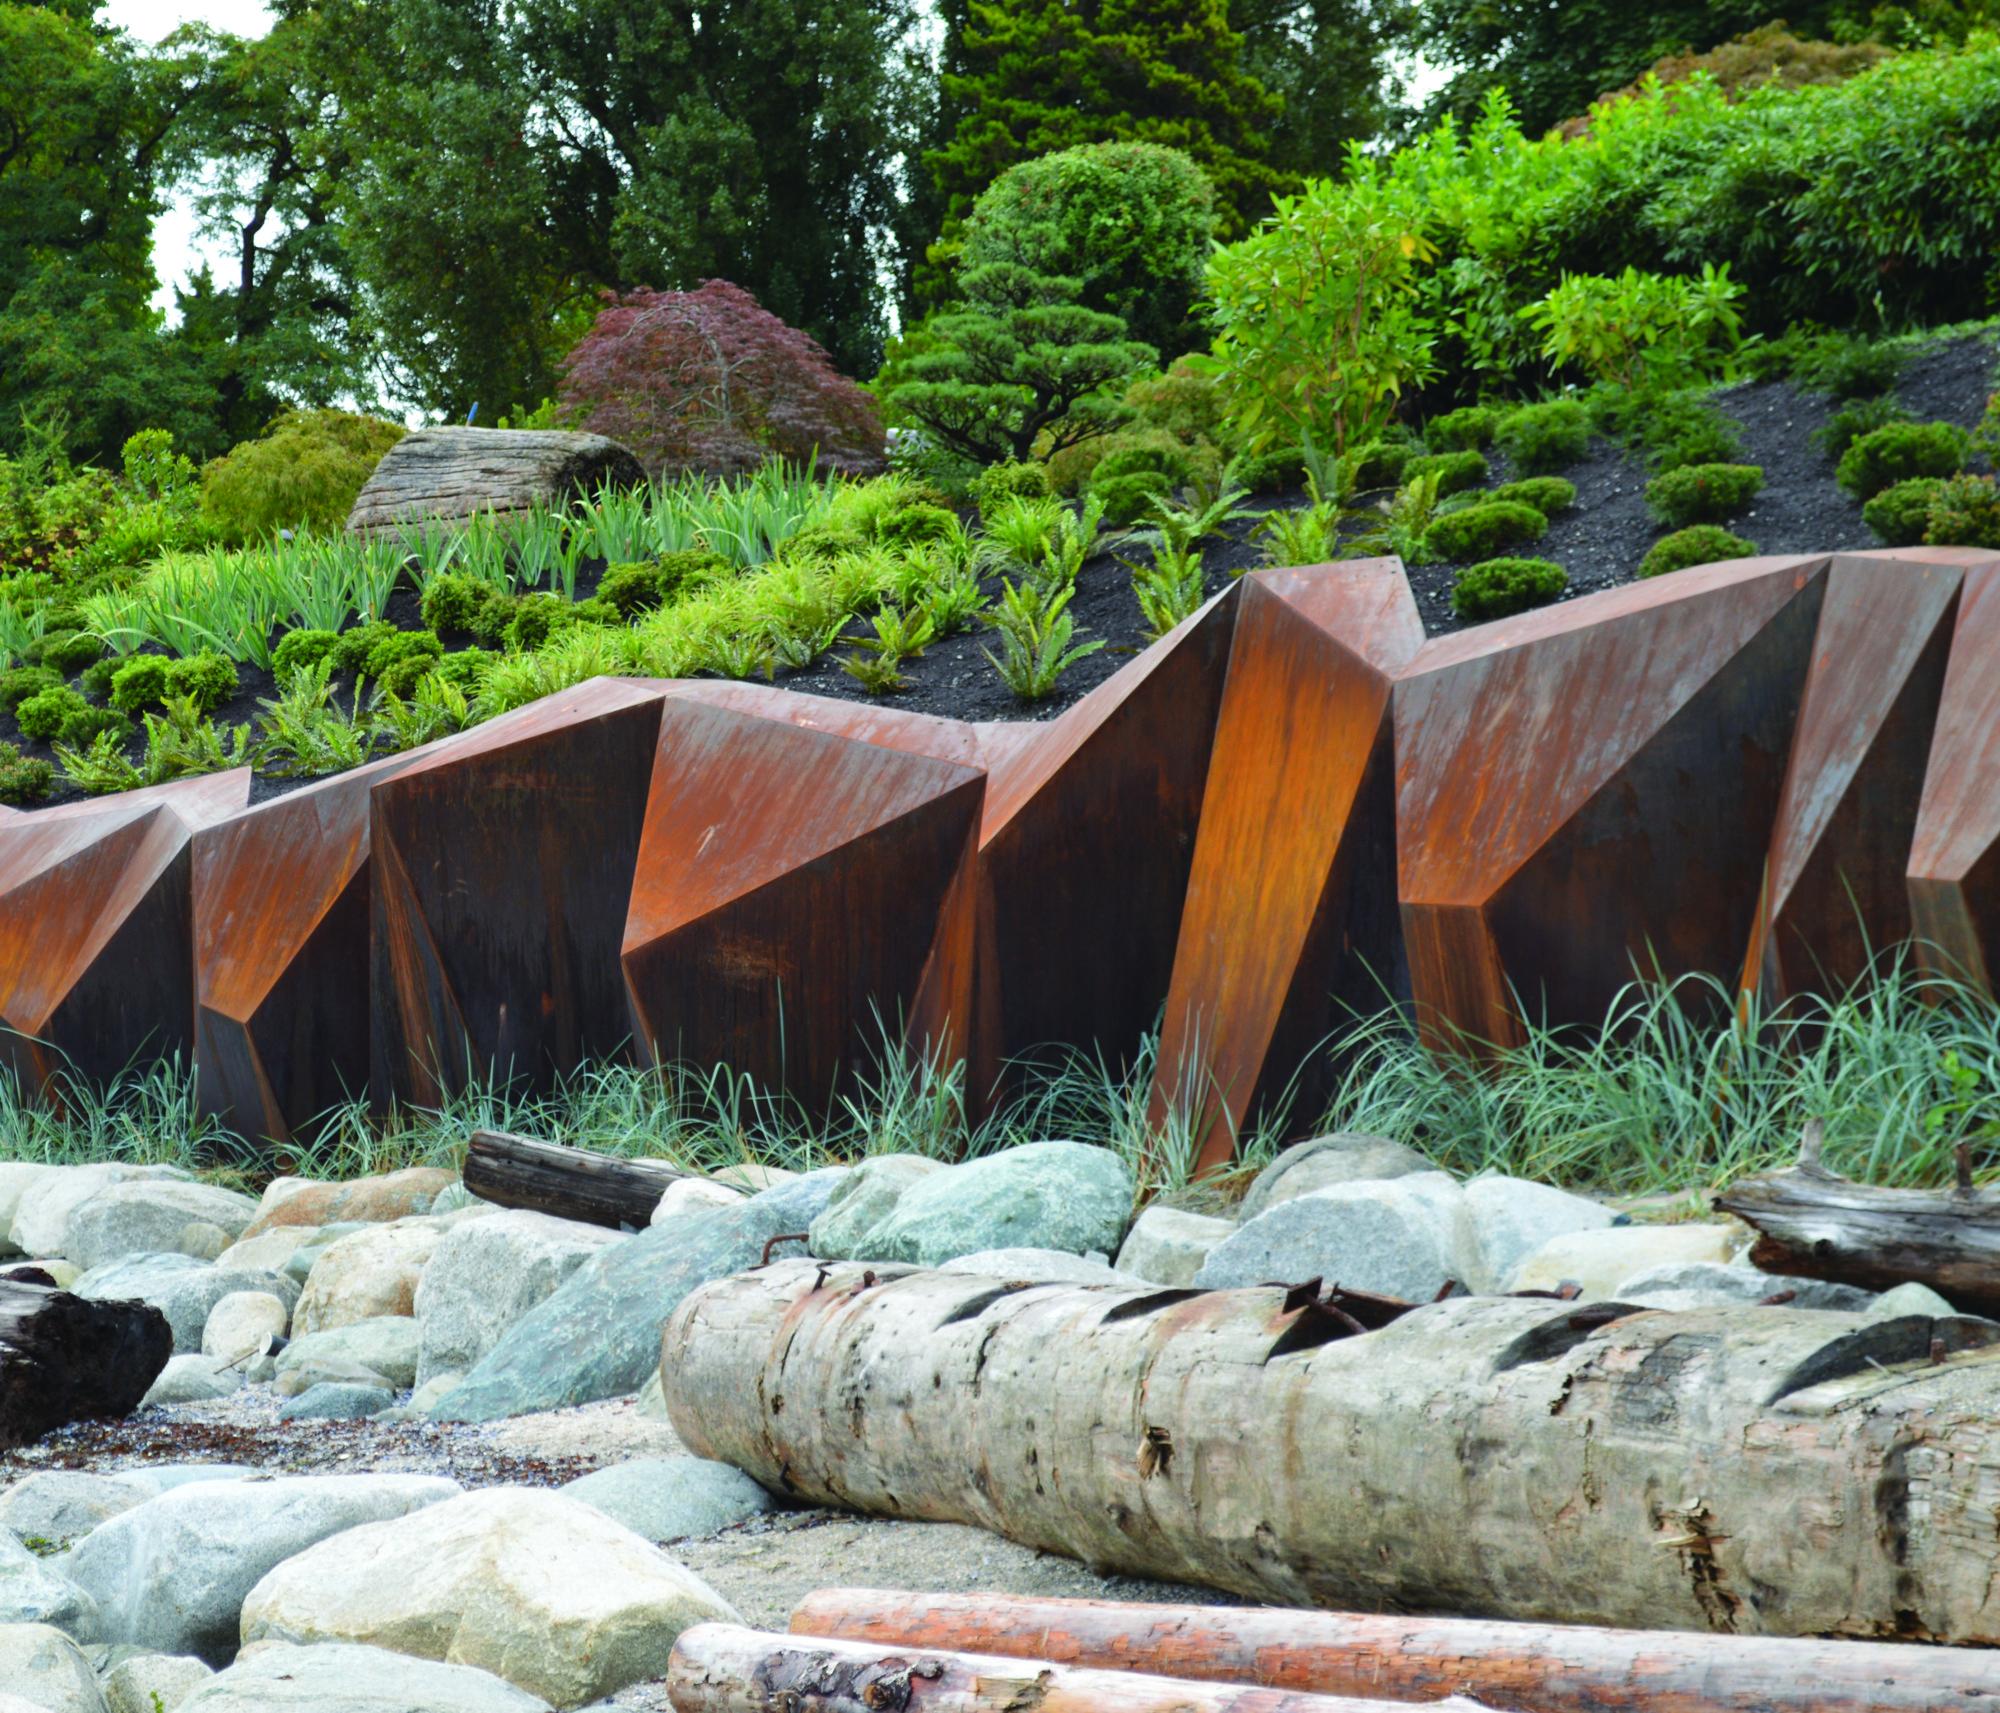 paisaje y una escultura de acero cortn en medio del paisaje